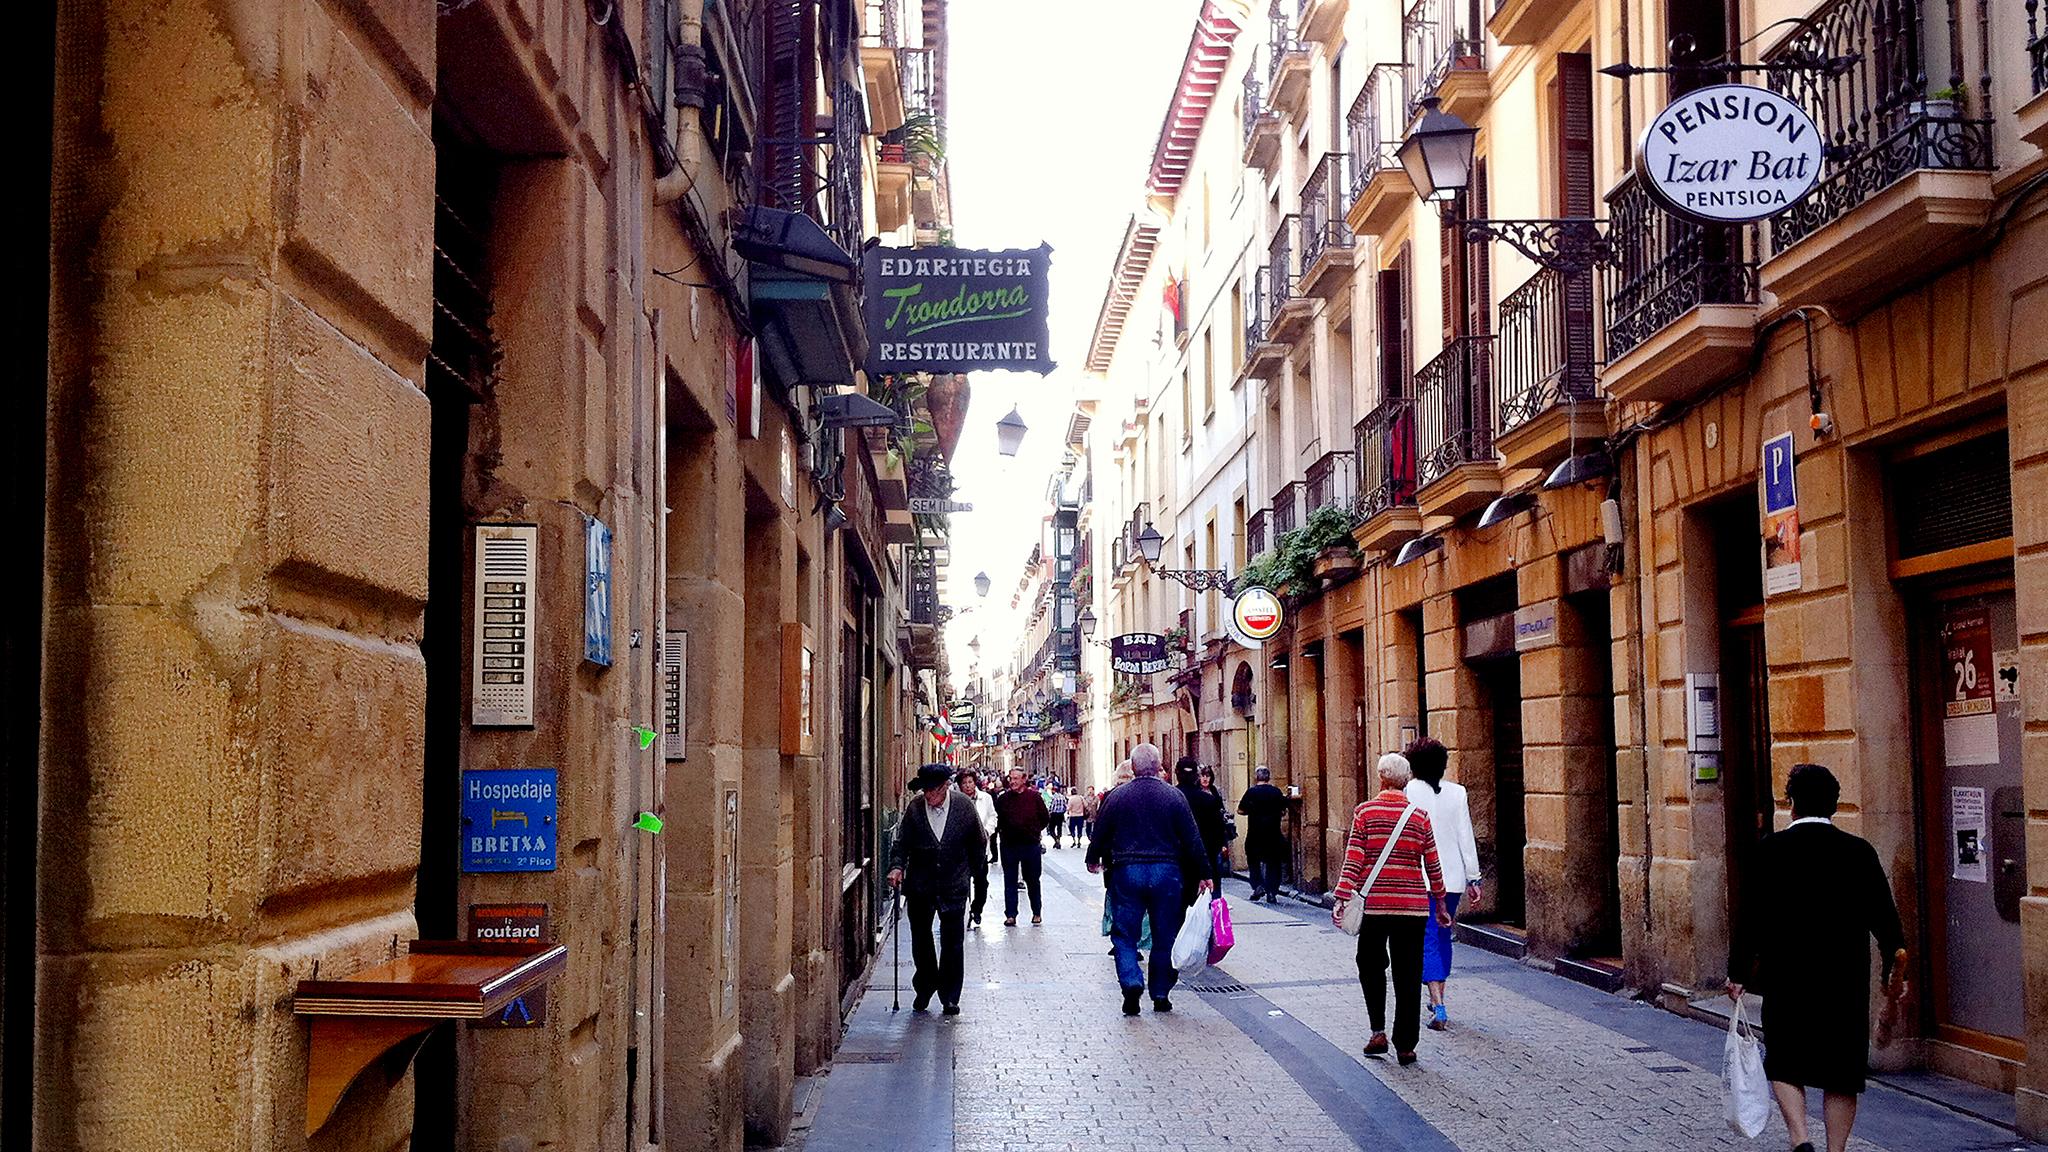 San Sebastien, Spain